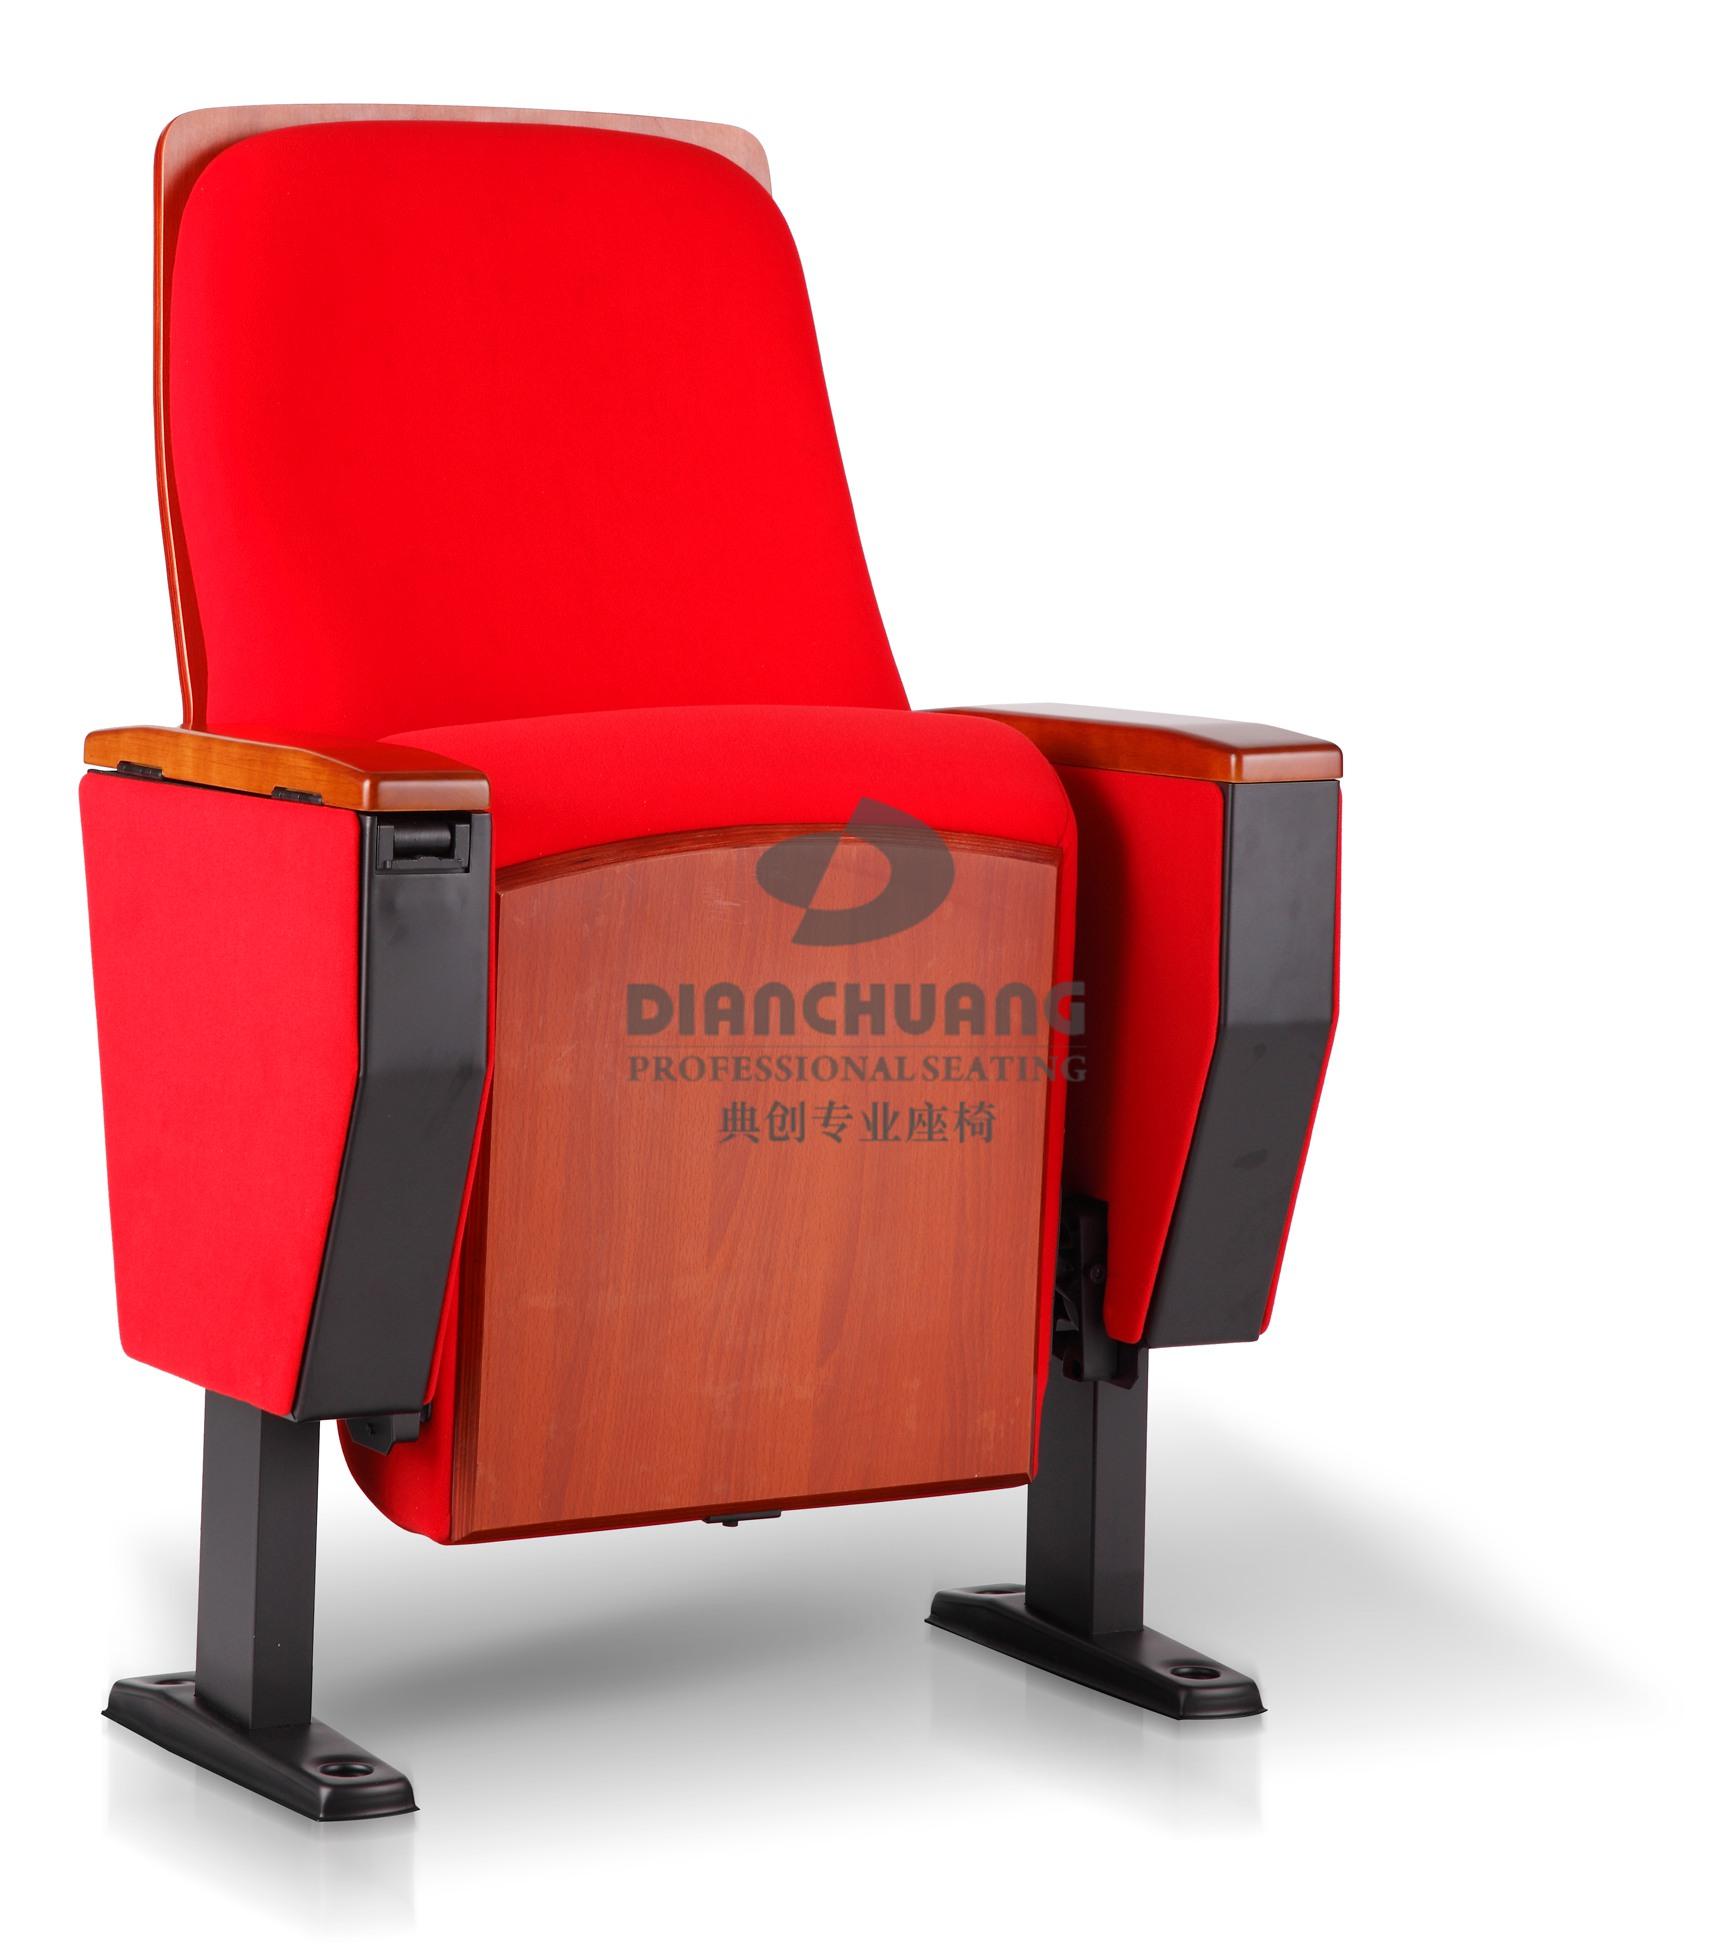 红色款单排固定脚礼堂椅子-5032